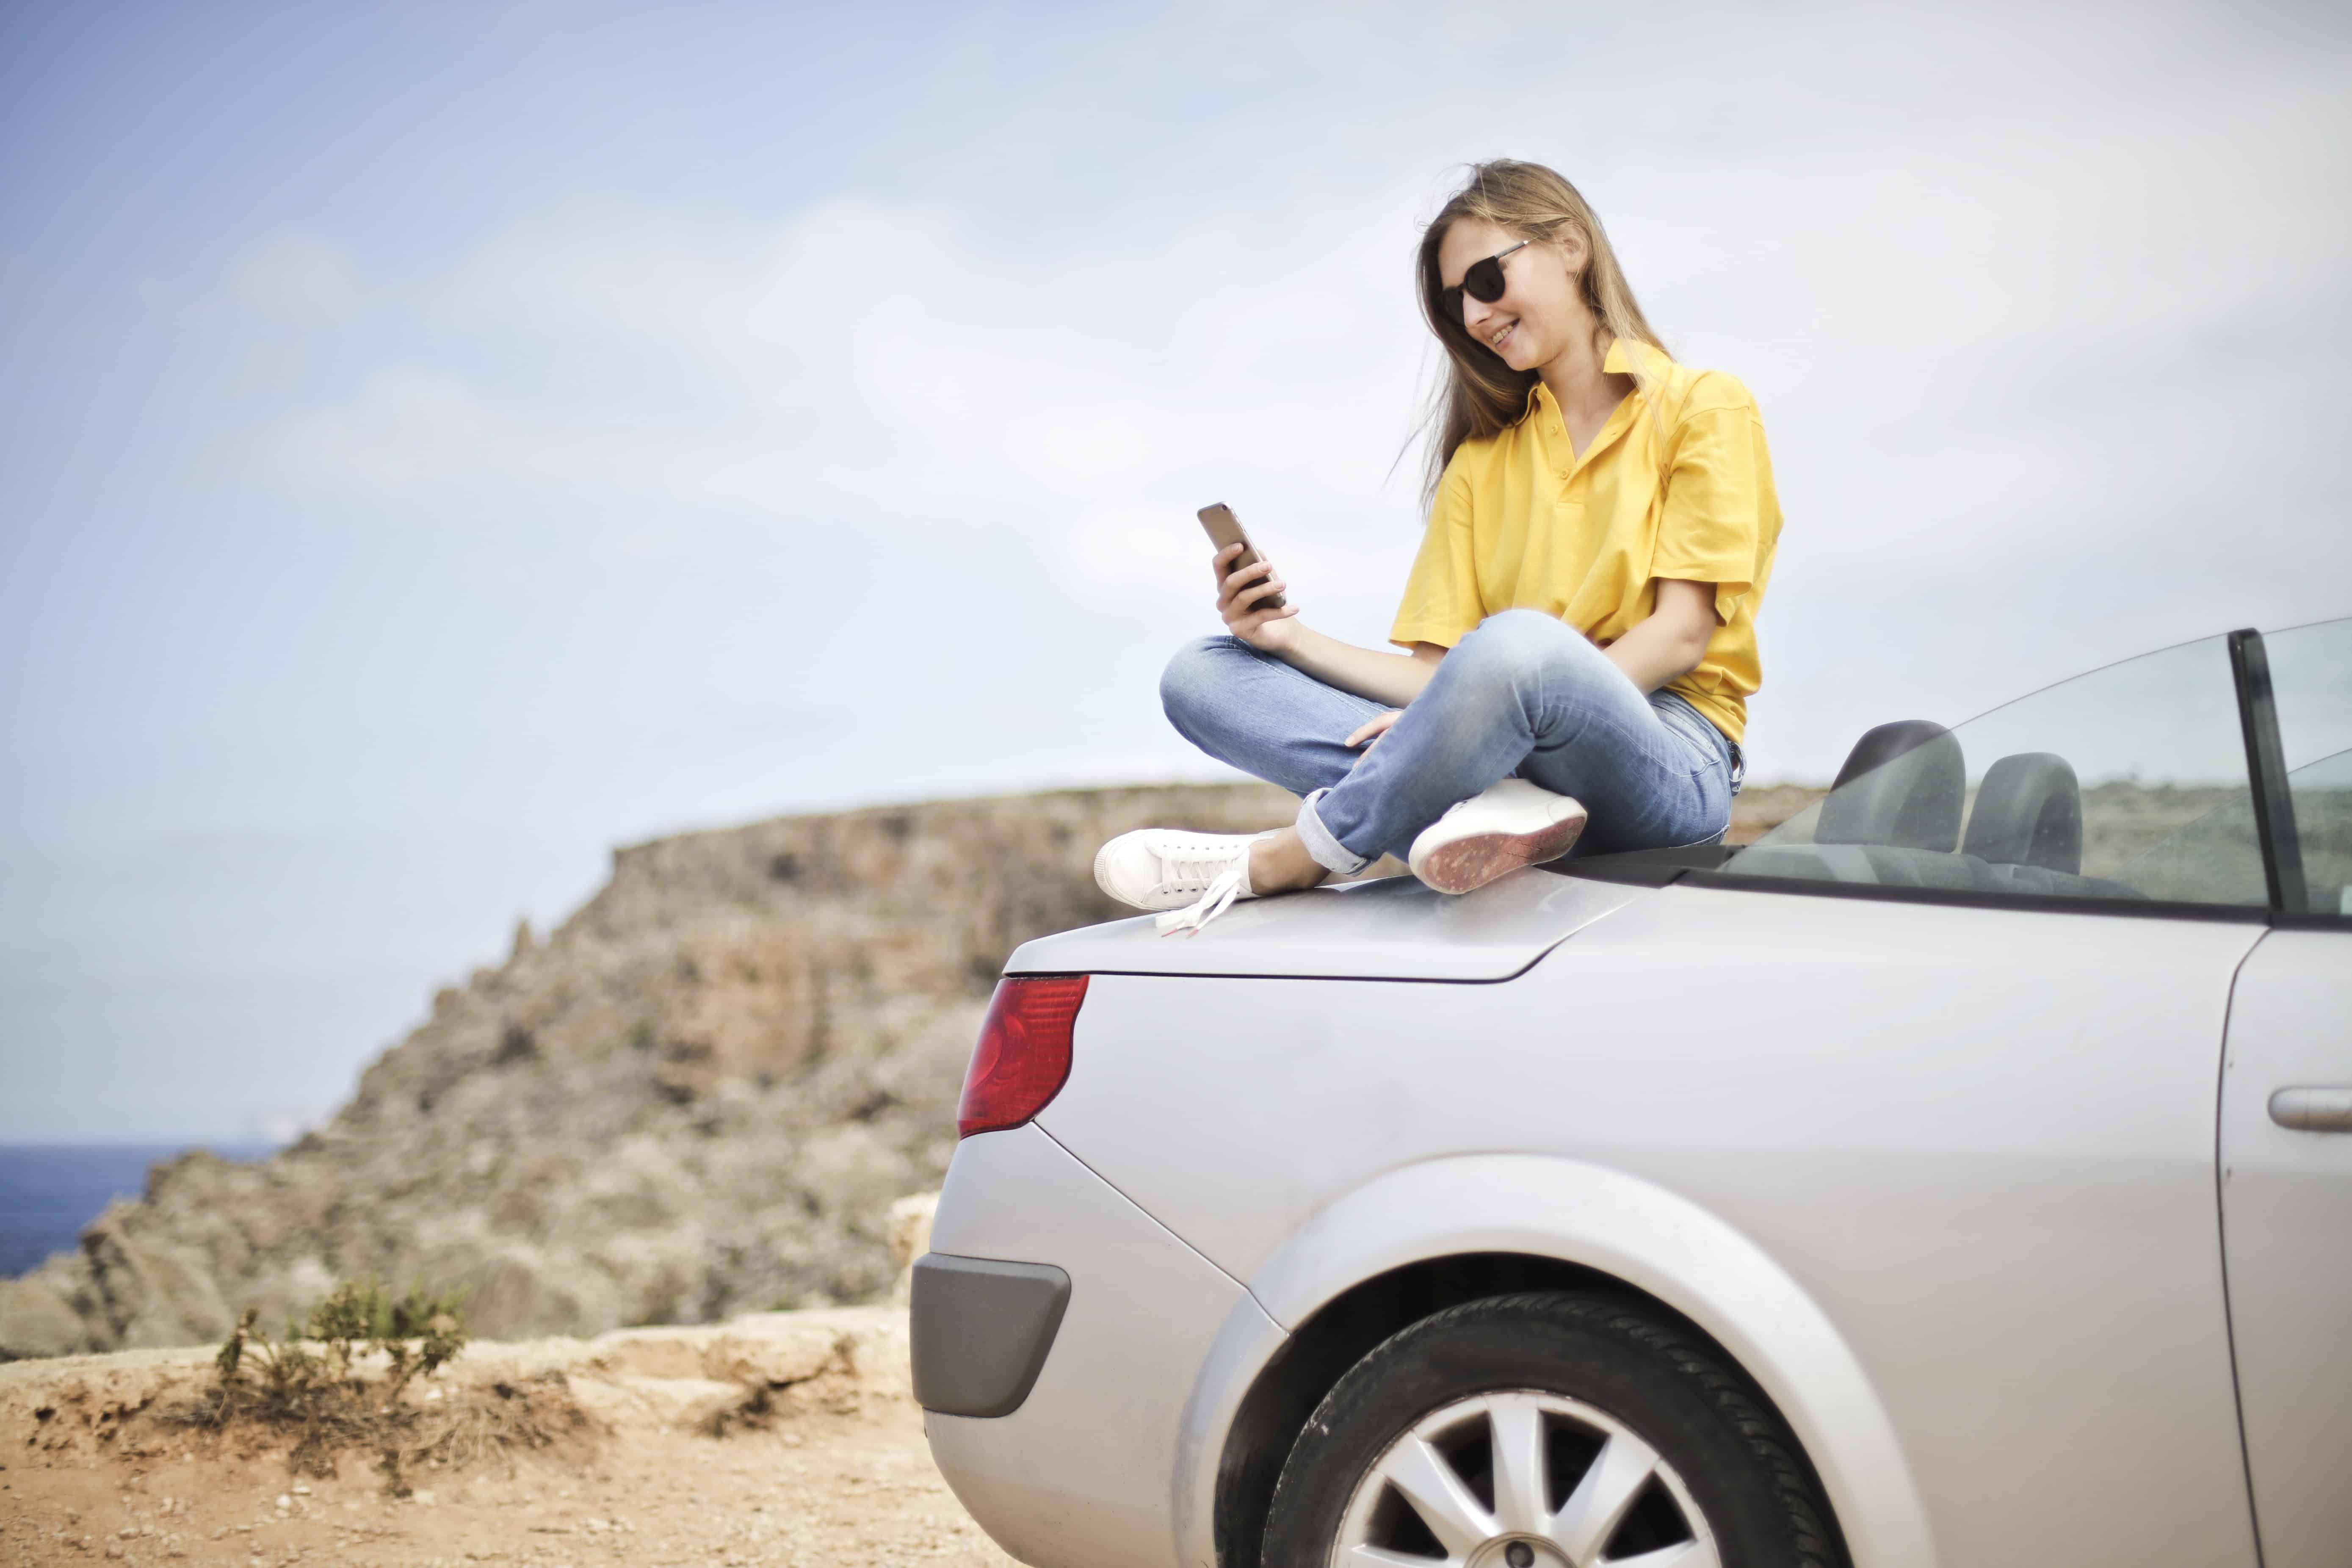 7 تطبيقات مهمة خلال السفر لا تحتاج إلى اتصال بالإنترنت